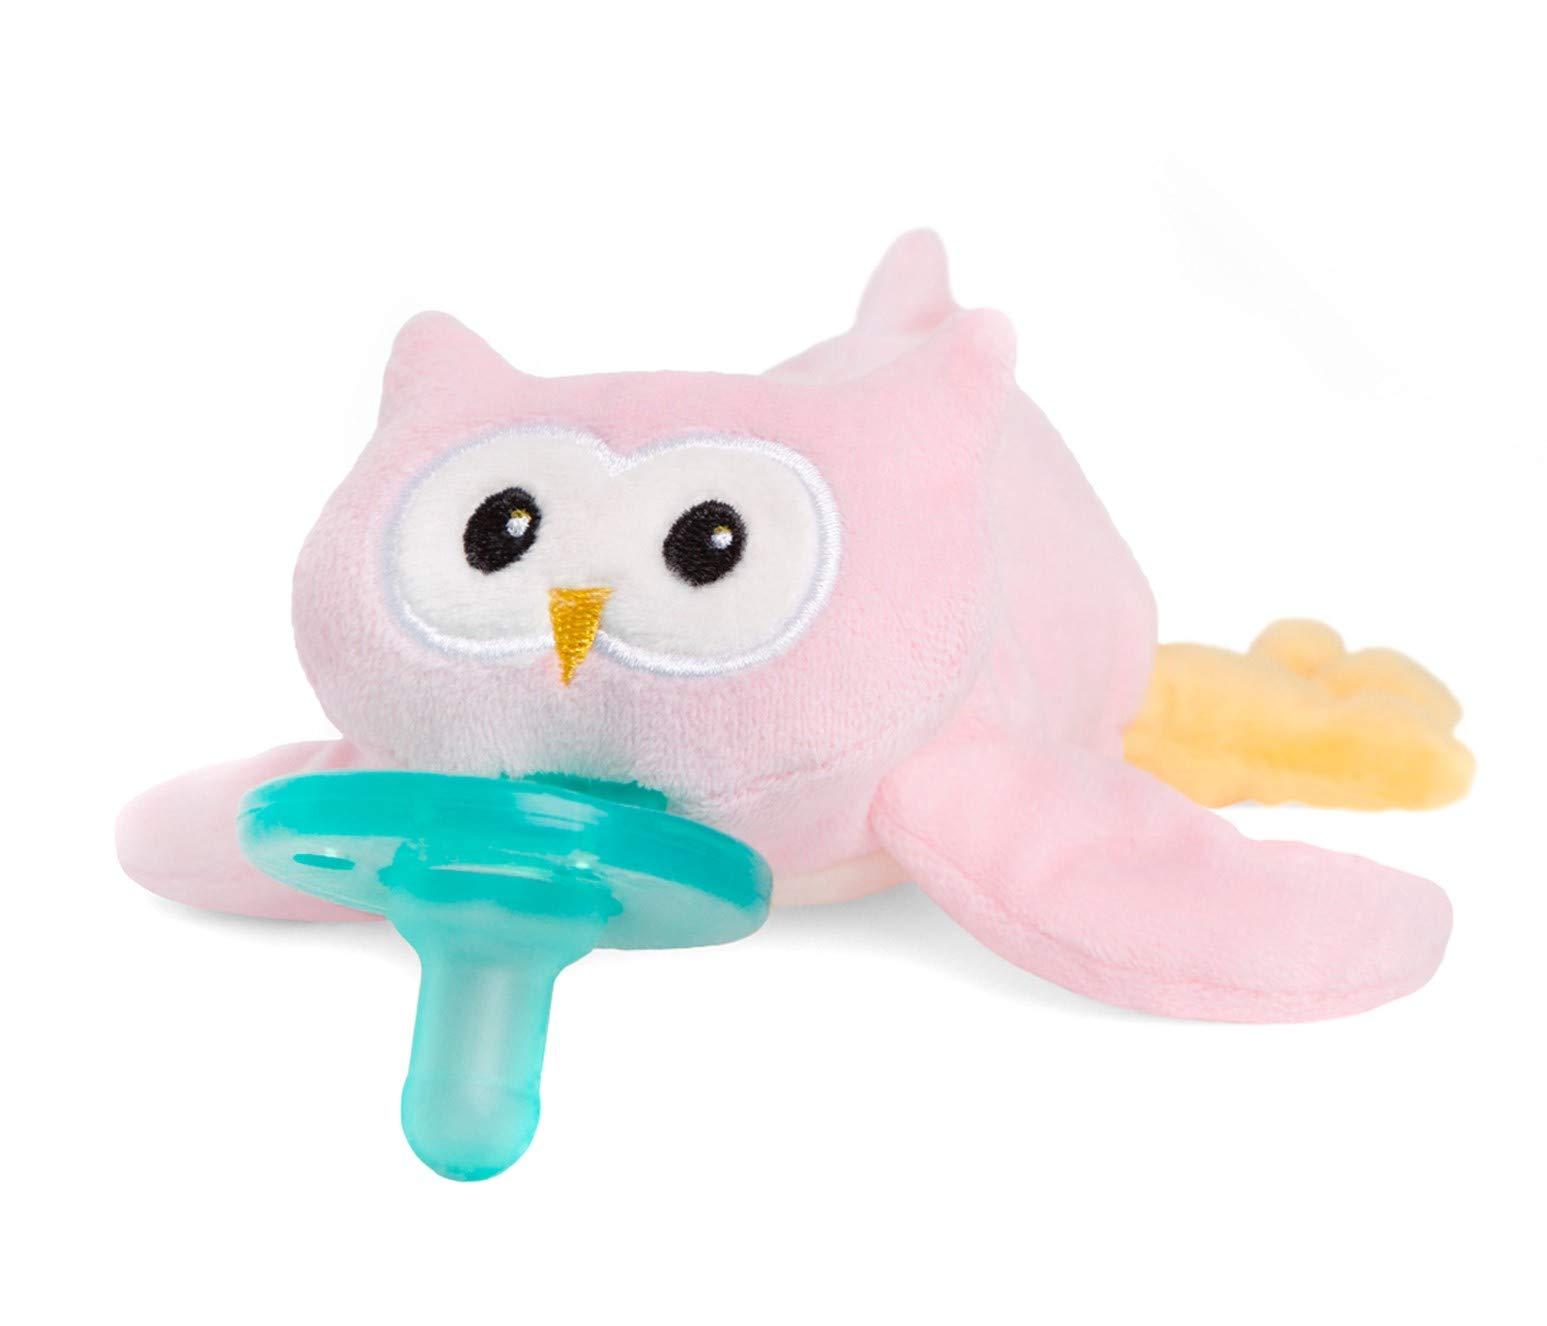 WubbaNub Infant Pacifier - Pink Owl by WubbaNub